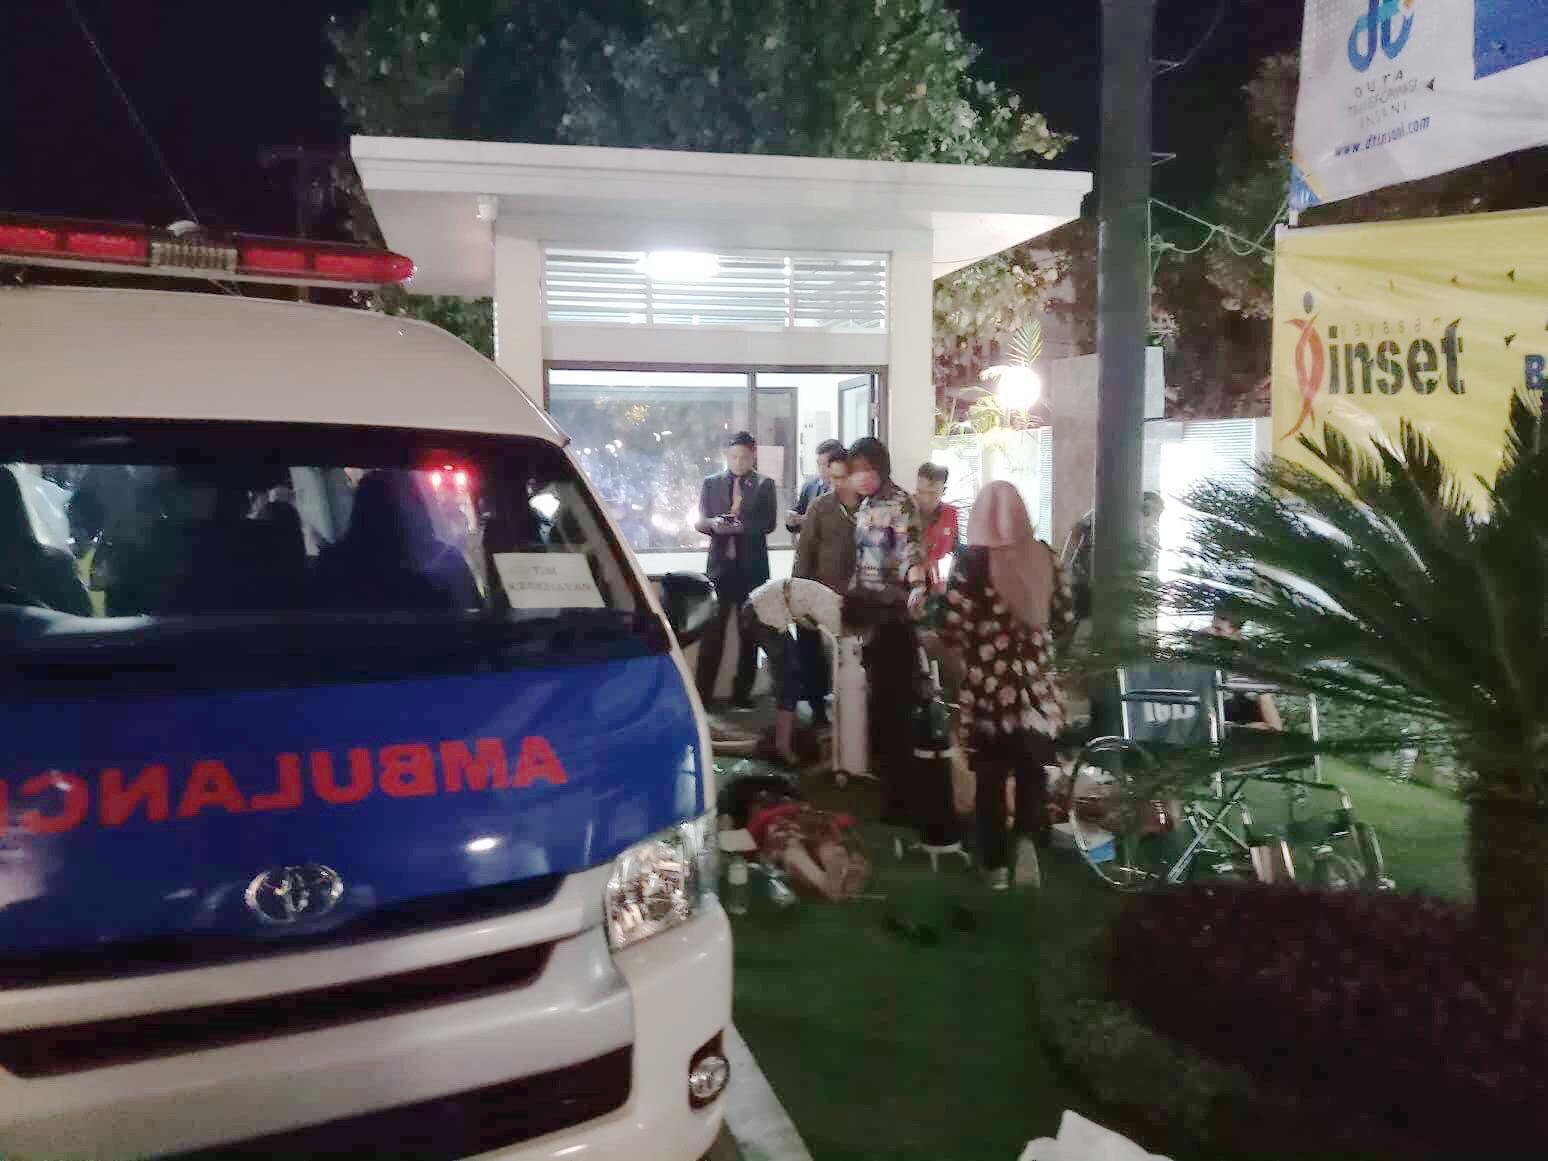 سيارة إسعاف بجانب أحد الفنادق قي جزيرة لومبوك الأندونيسية